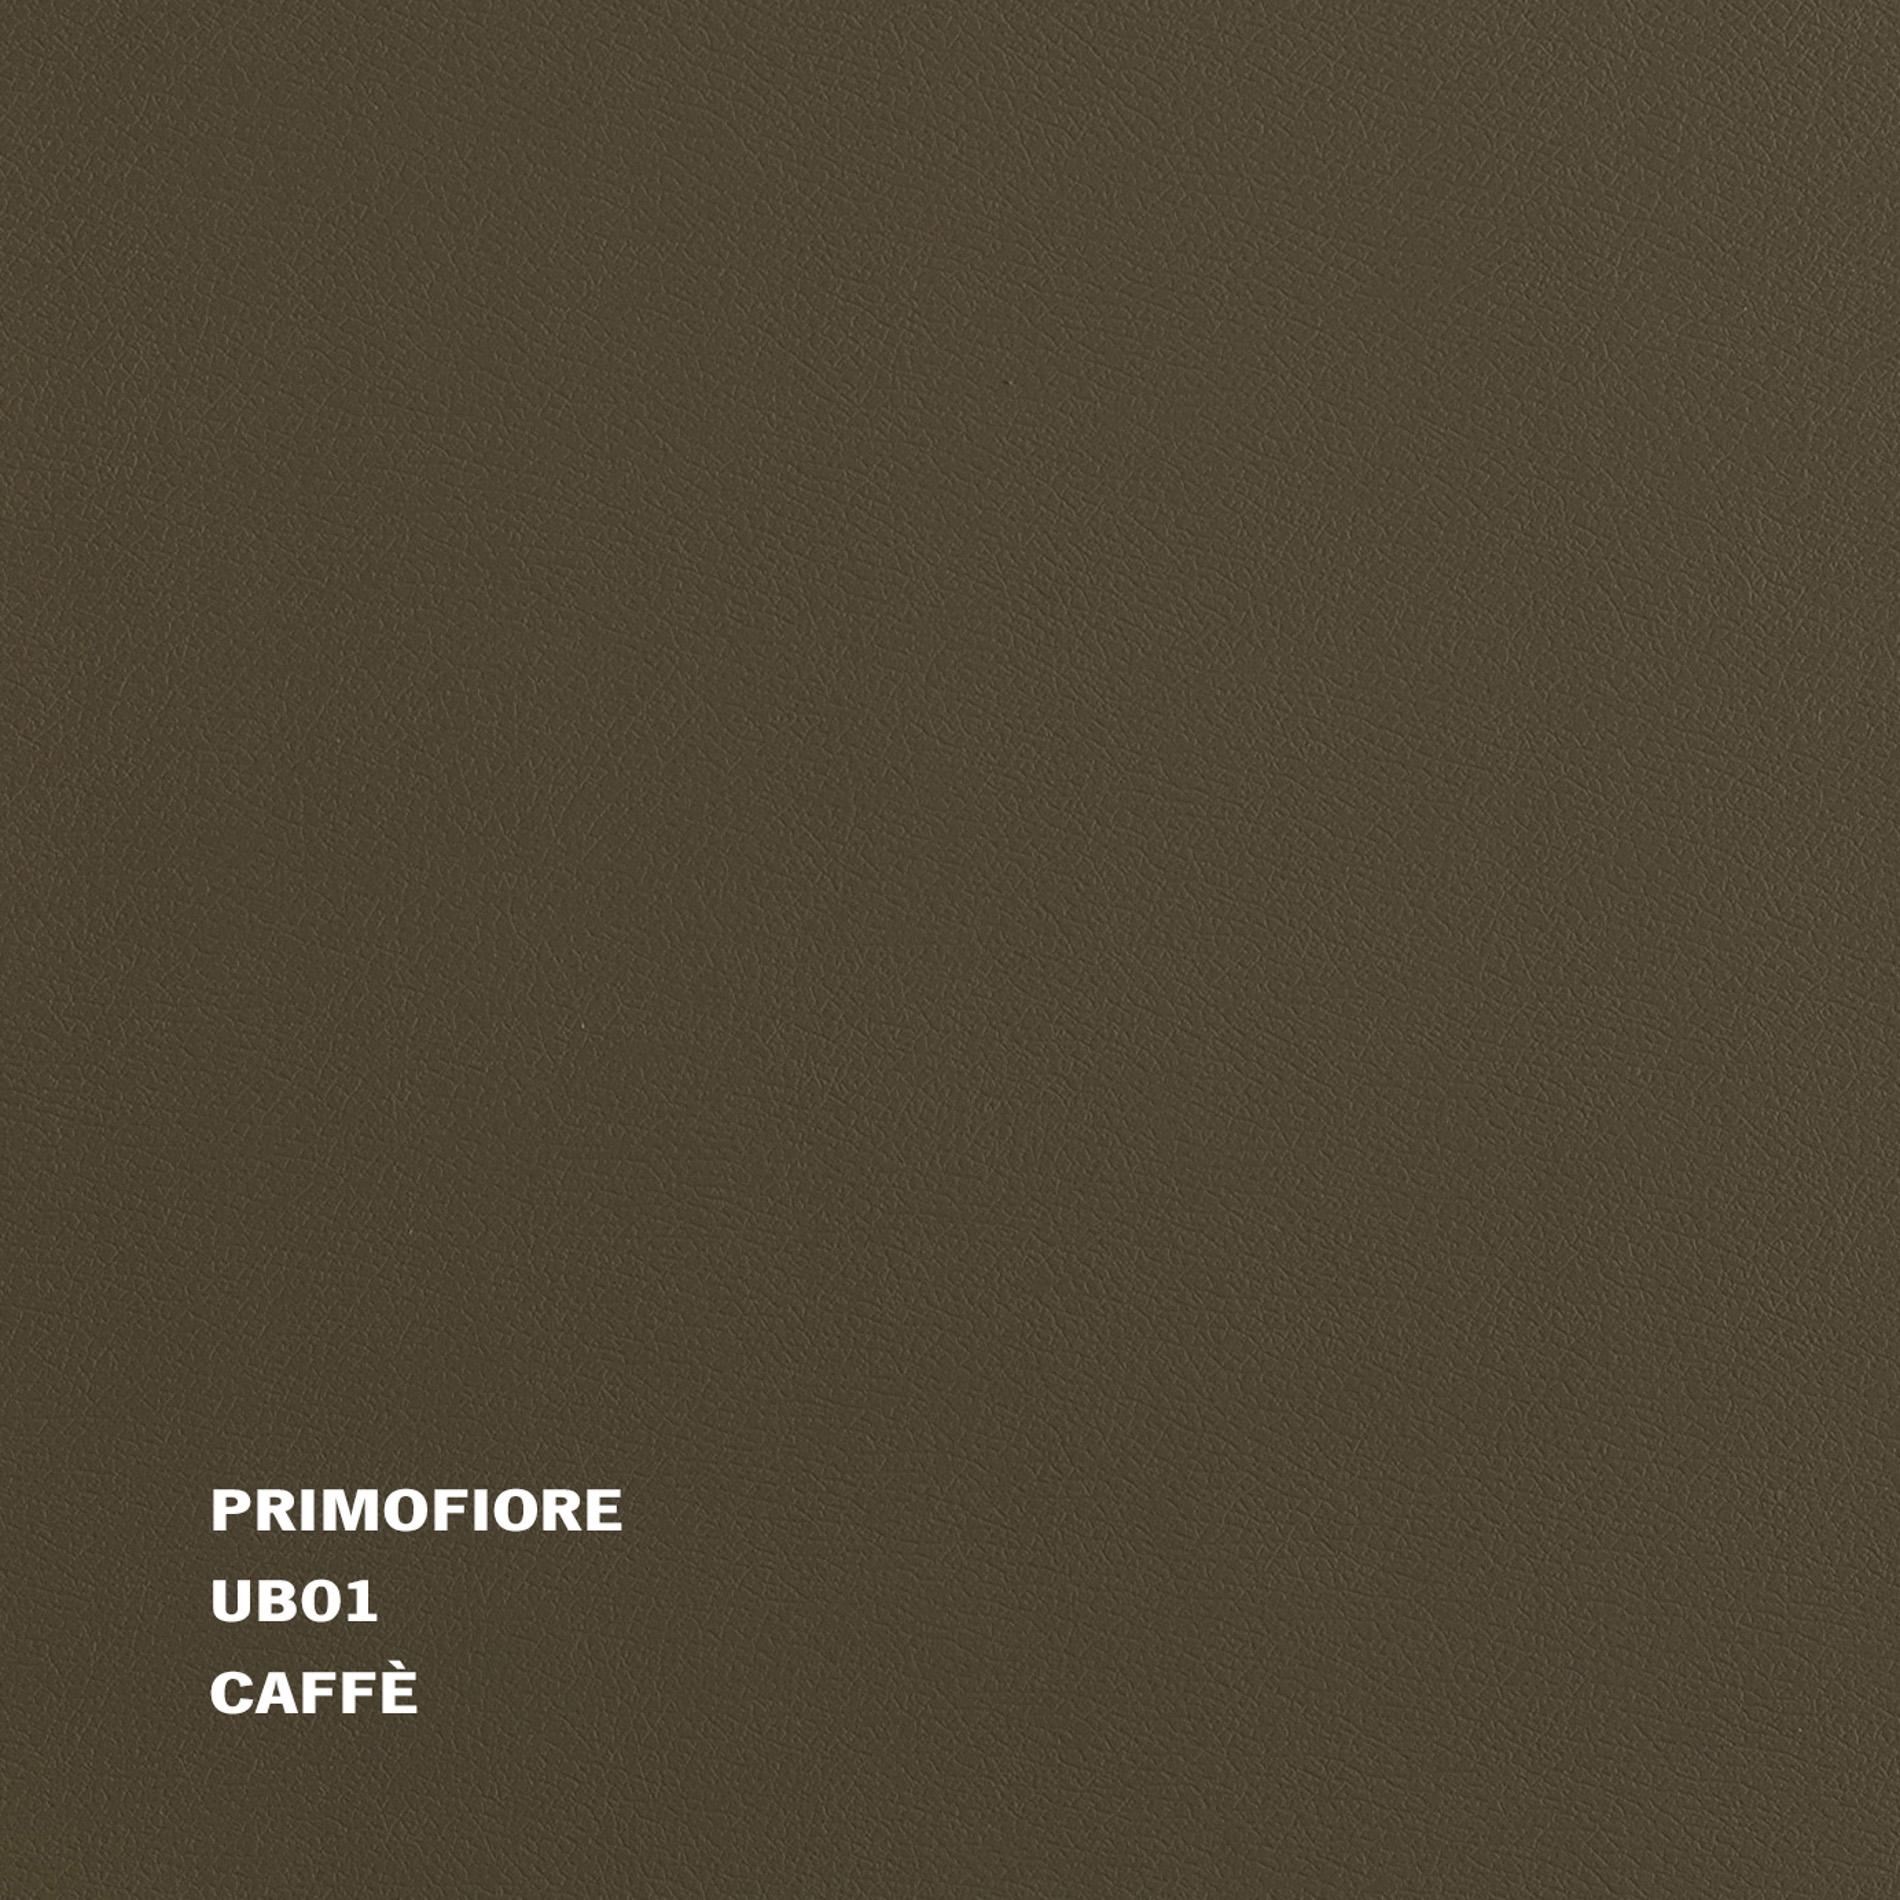 Primofiore_ub01